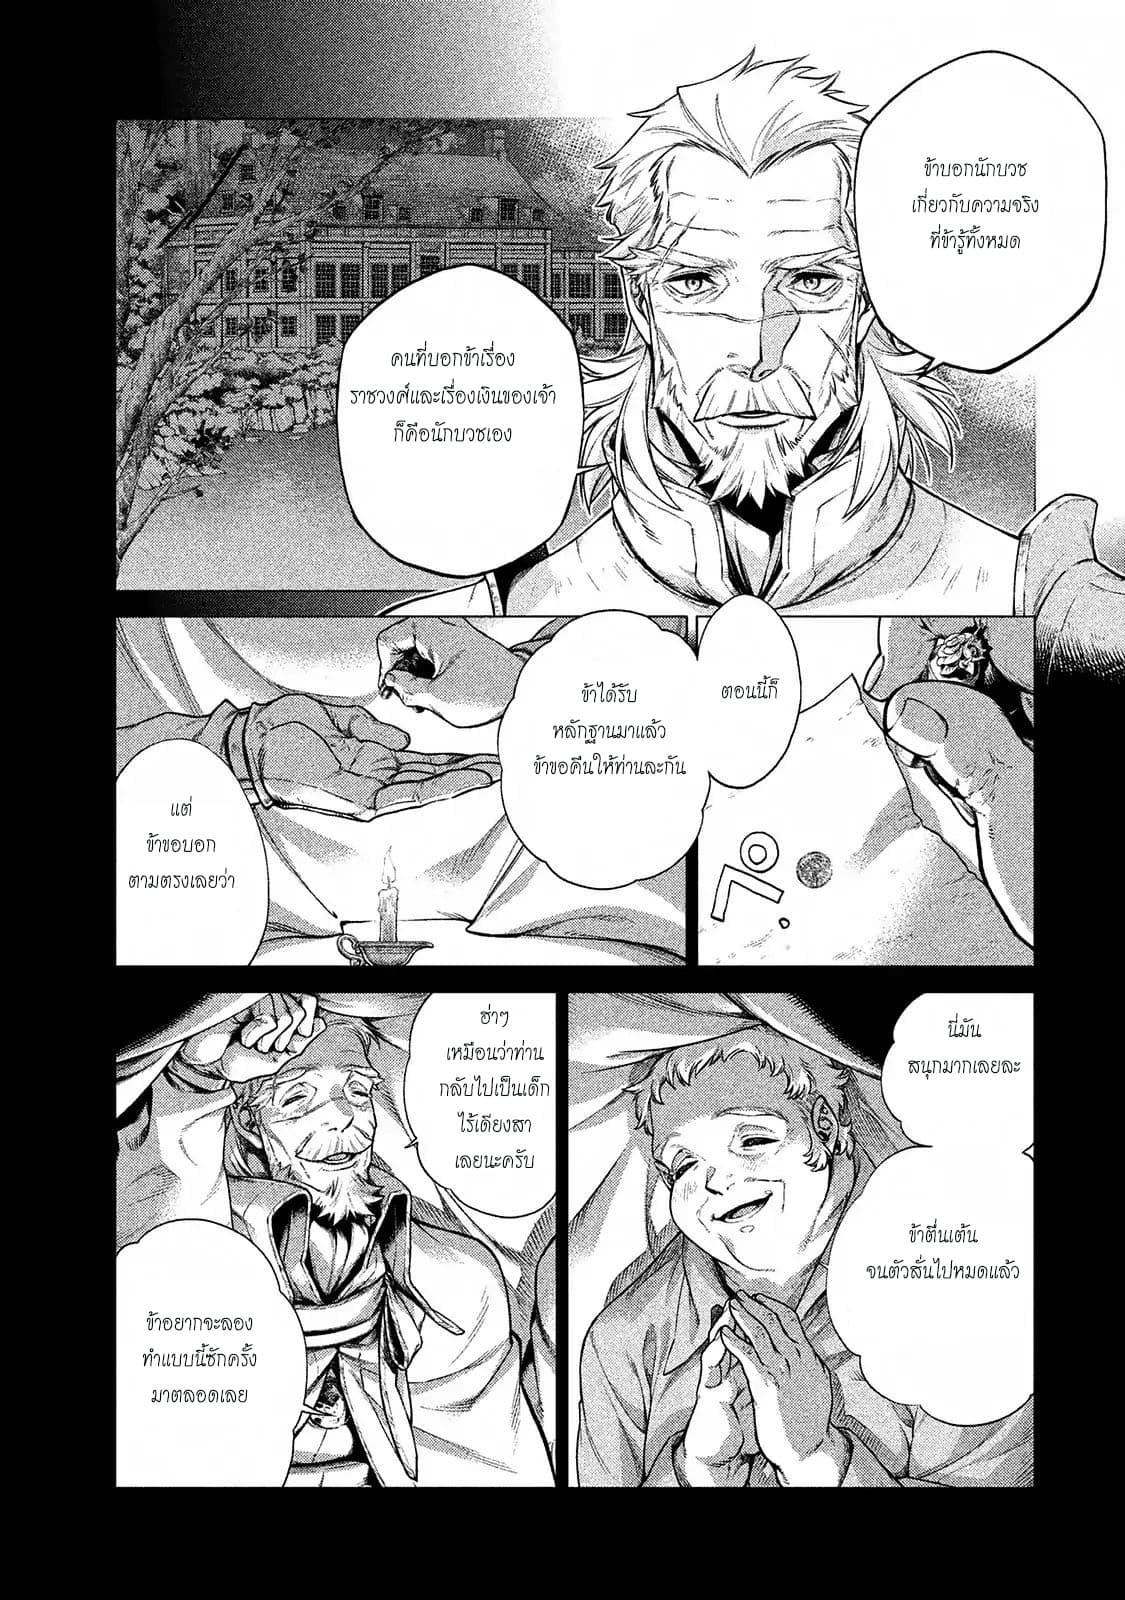 อ่านการ์ตูน Henkyou no Roukishi - Bard Loen ตอนที่ 13 หน้าที่ 13